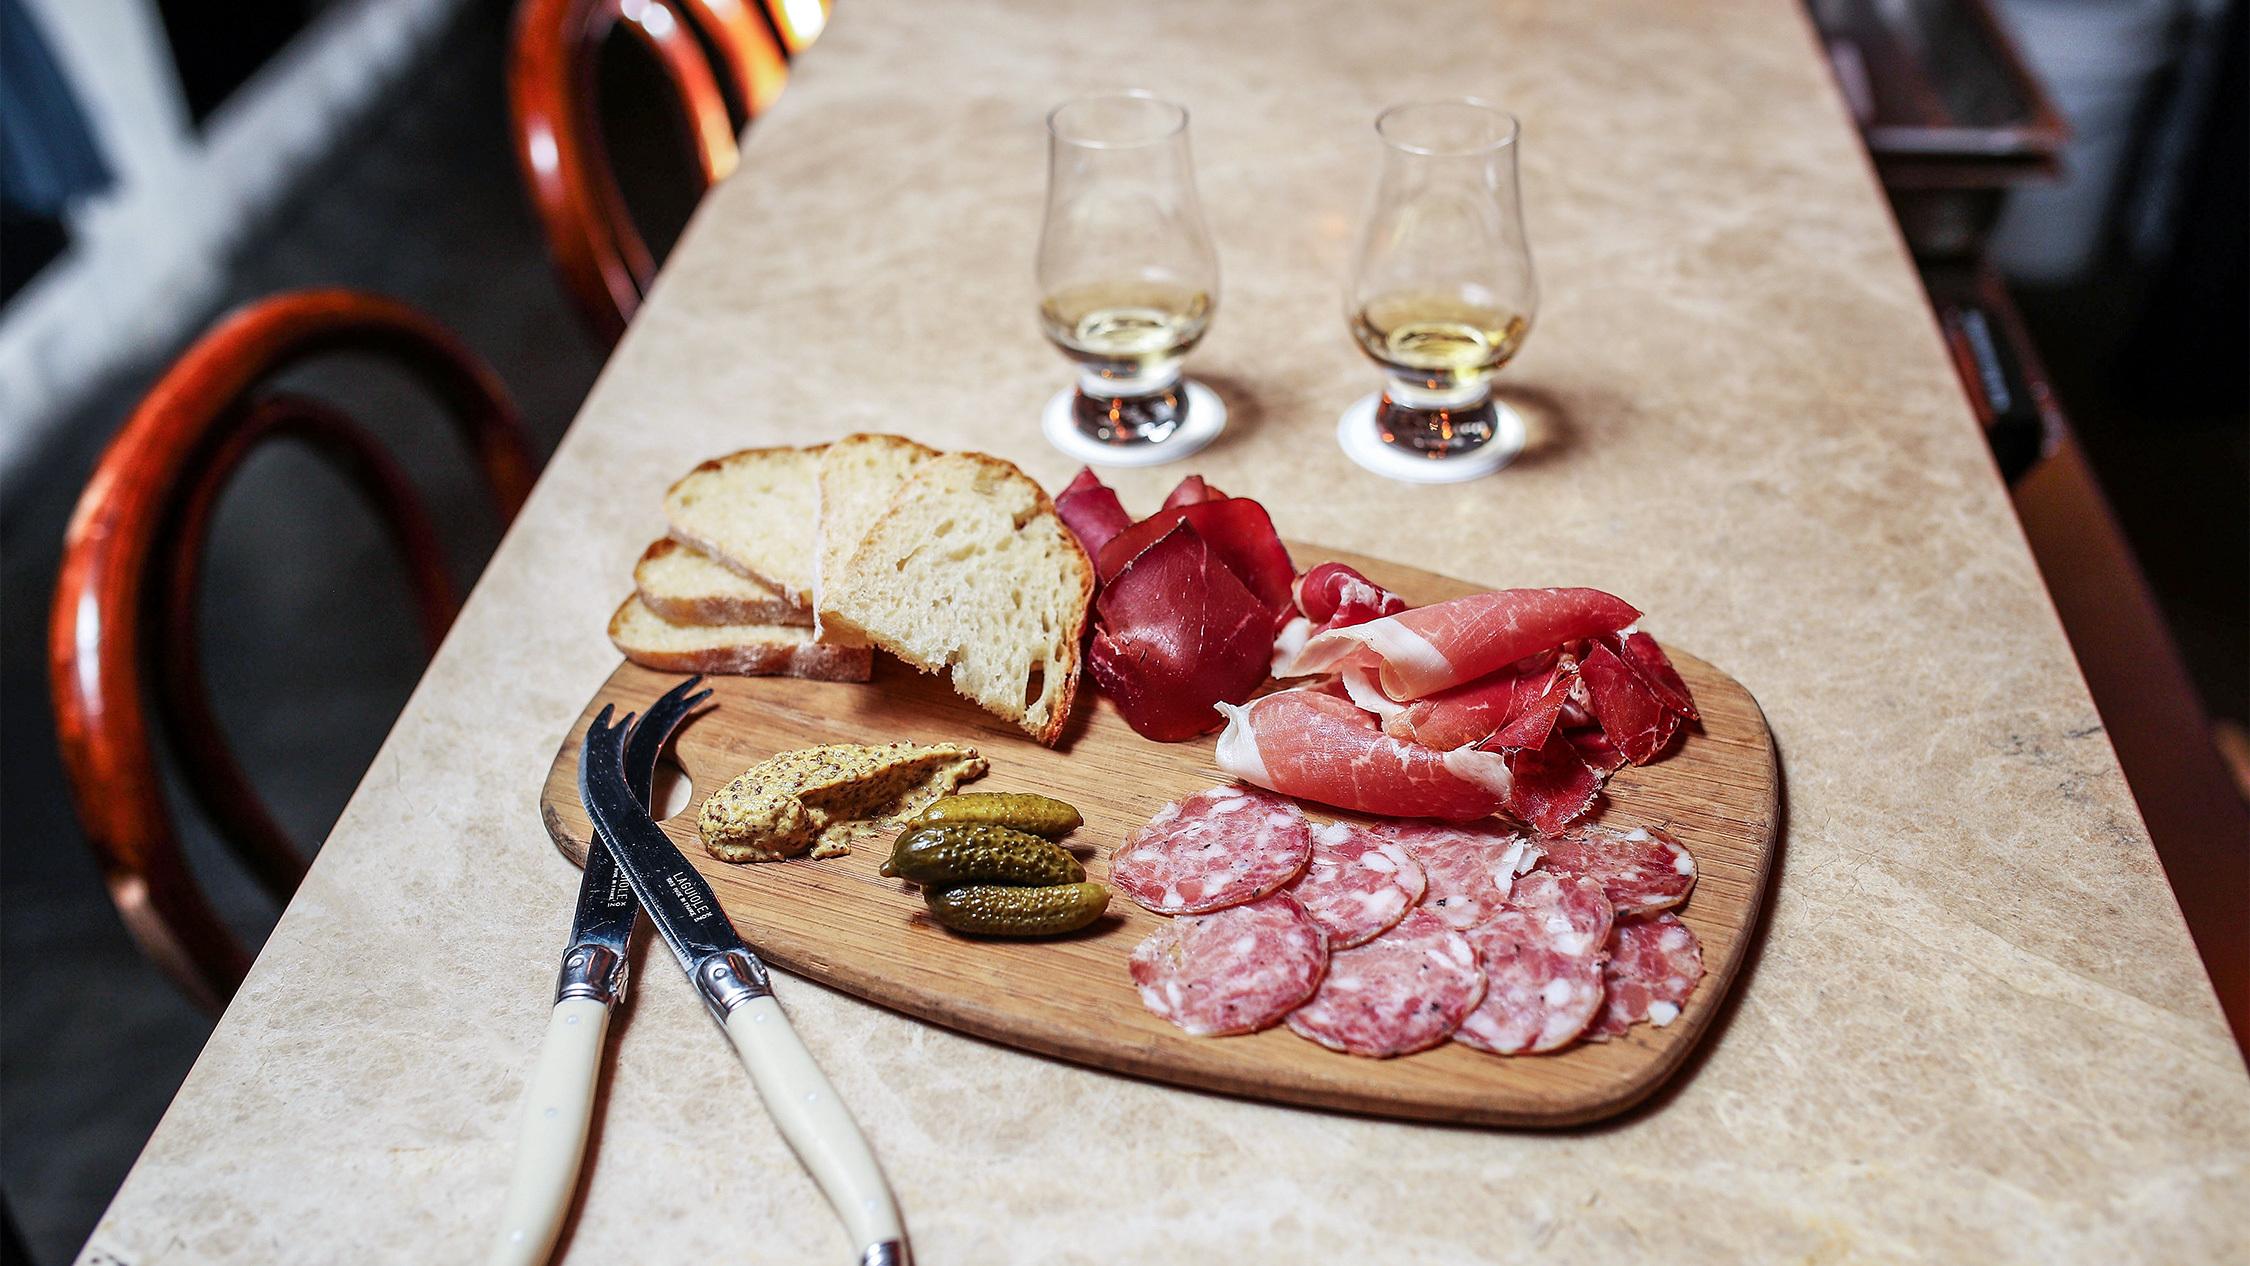 Antipasto plates perfect for aperitivo in Melbourne